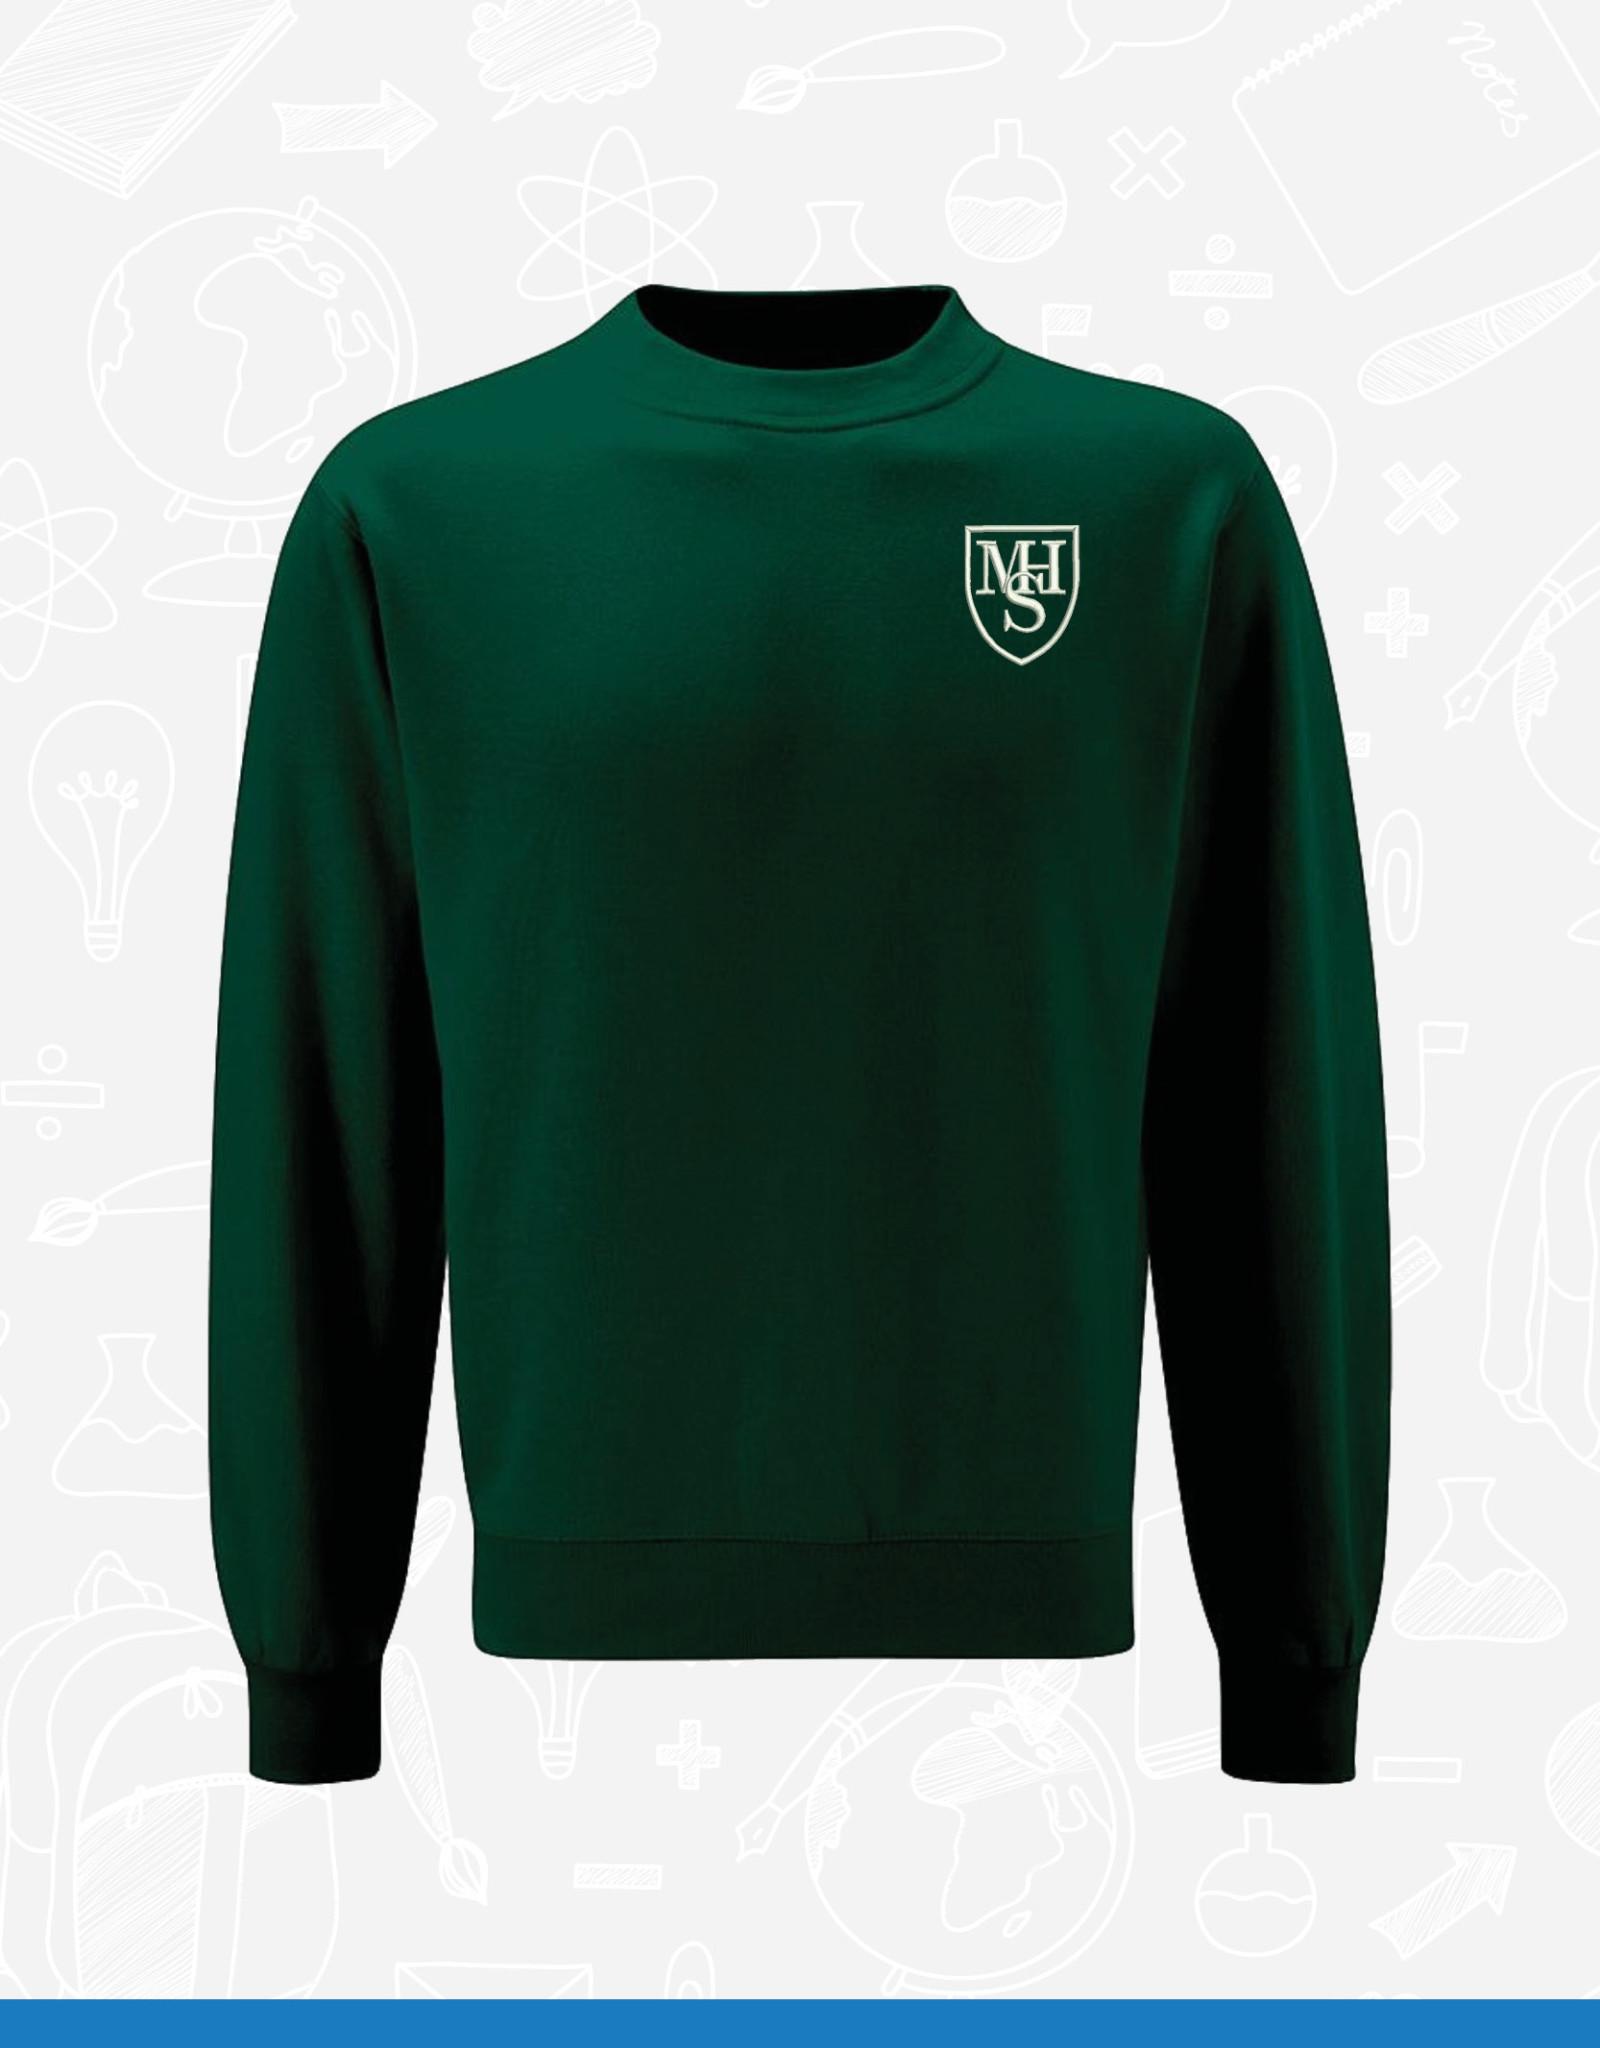 Banner Mitchell House School Sweatshirt (3SD)